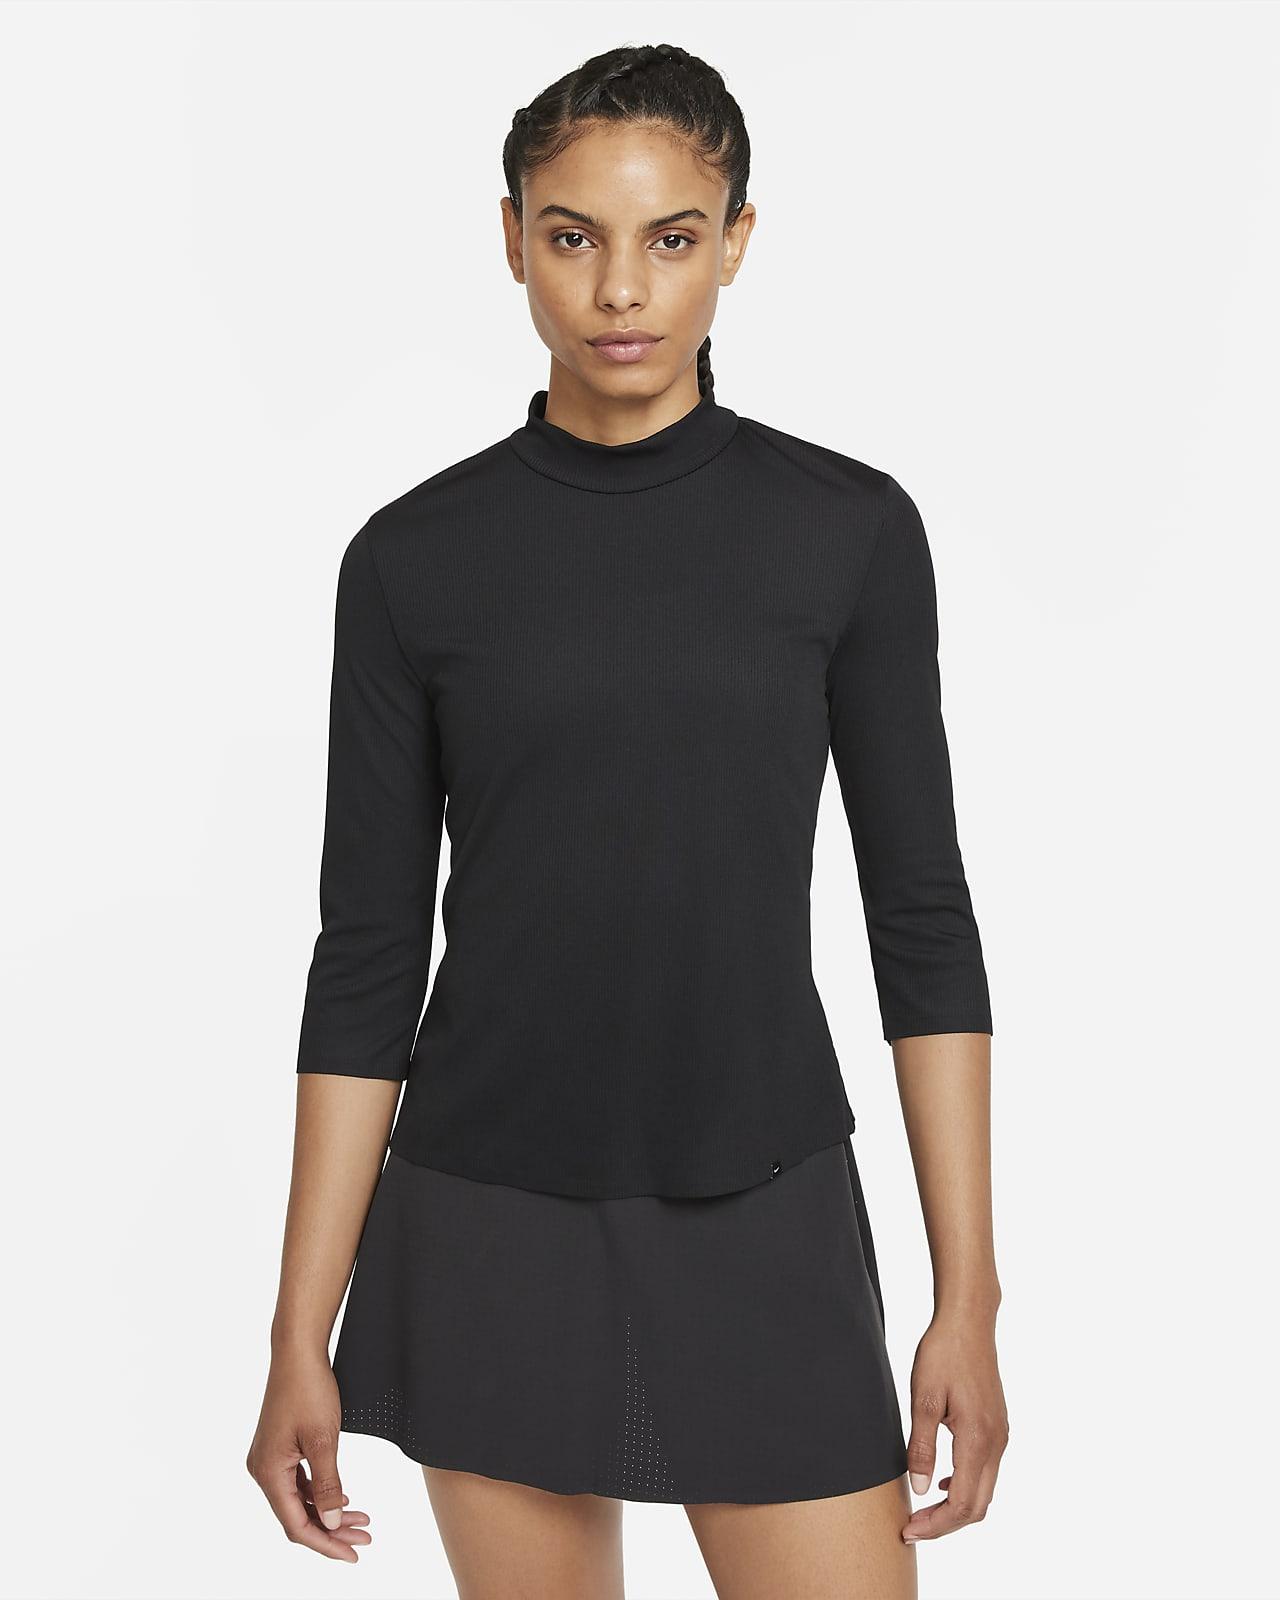 Nike Dri-FIT UV Ace Part superior de coll alt de golf - Dona